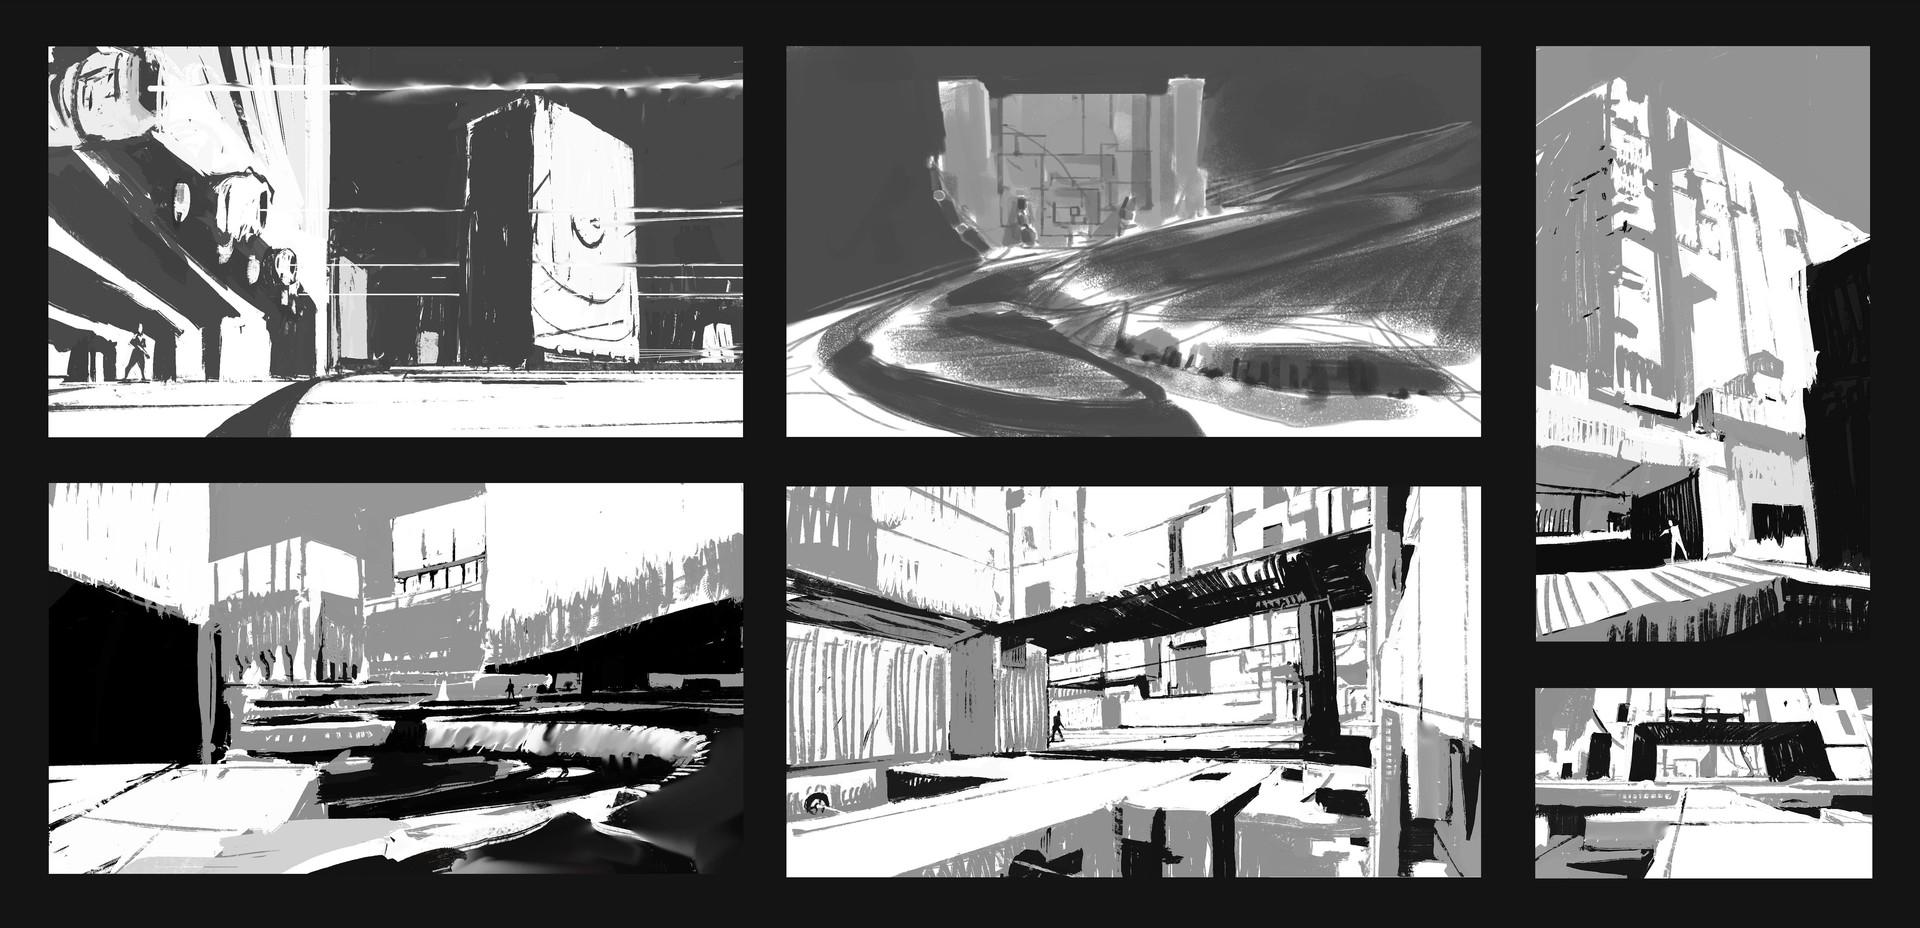 Compo & design sketches.